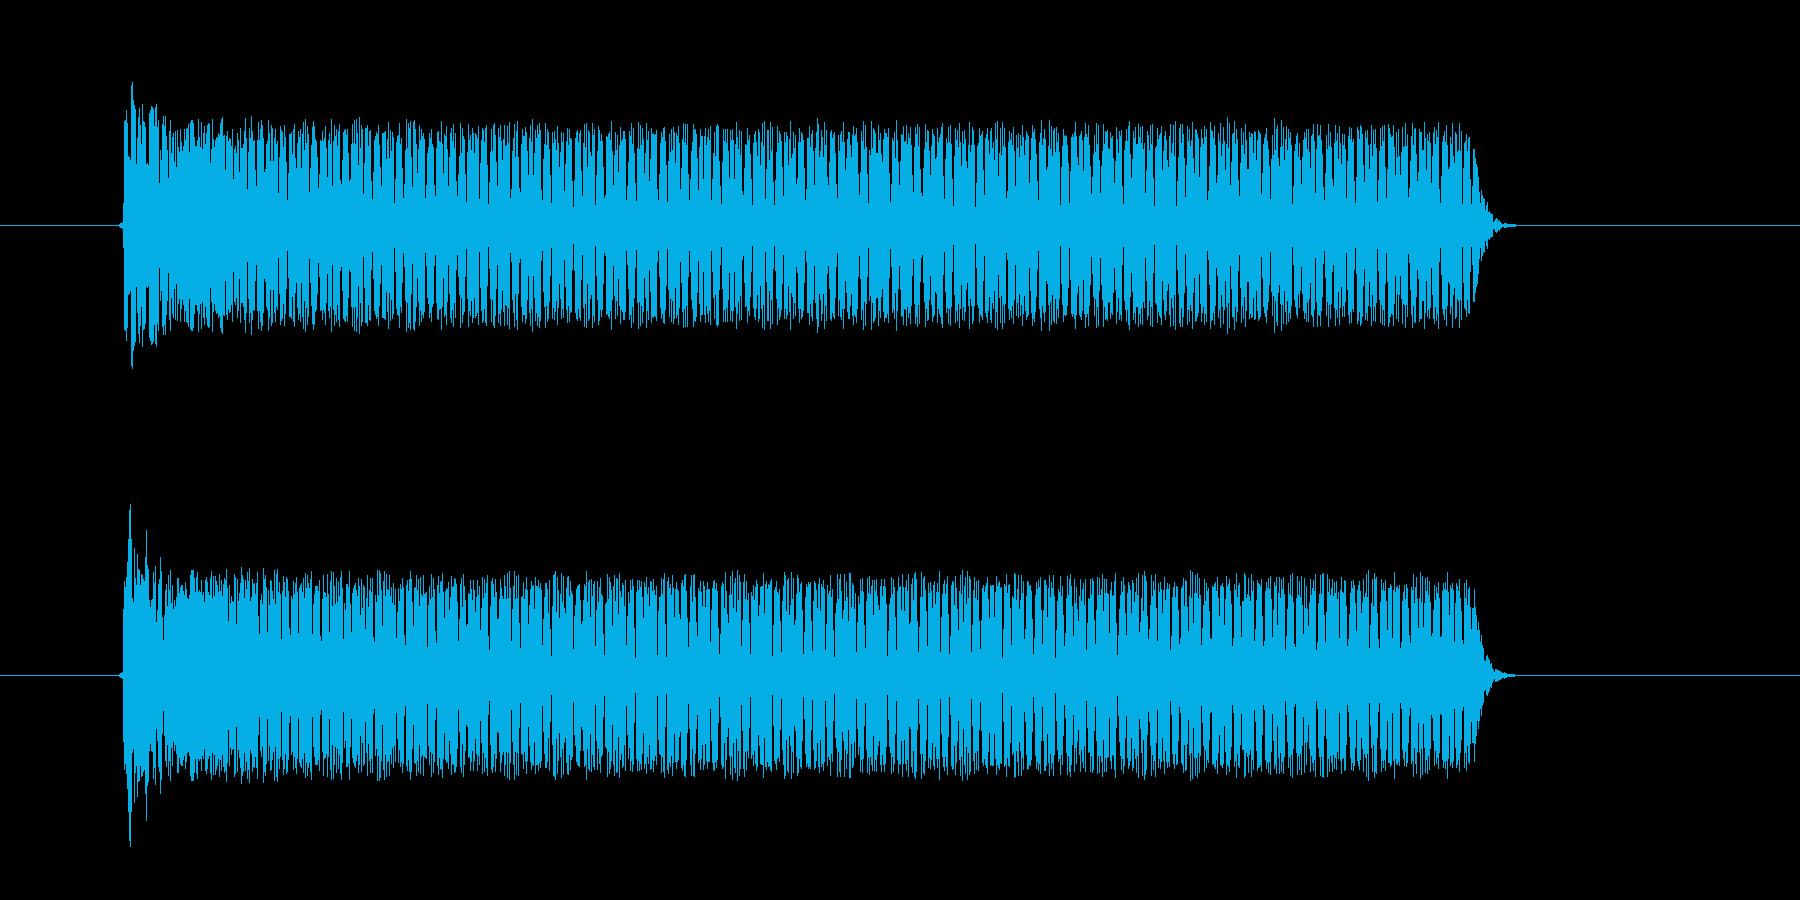 ビューンシュルシュル(宇宙、飛ぶ、回転)の再生済みの波形